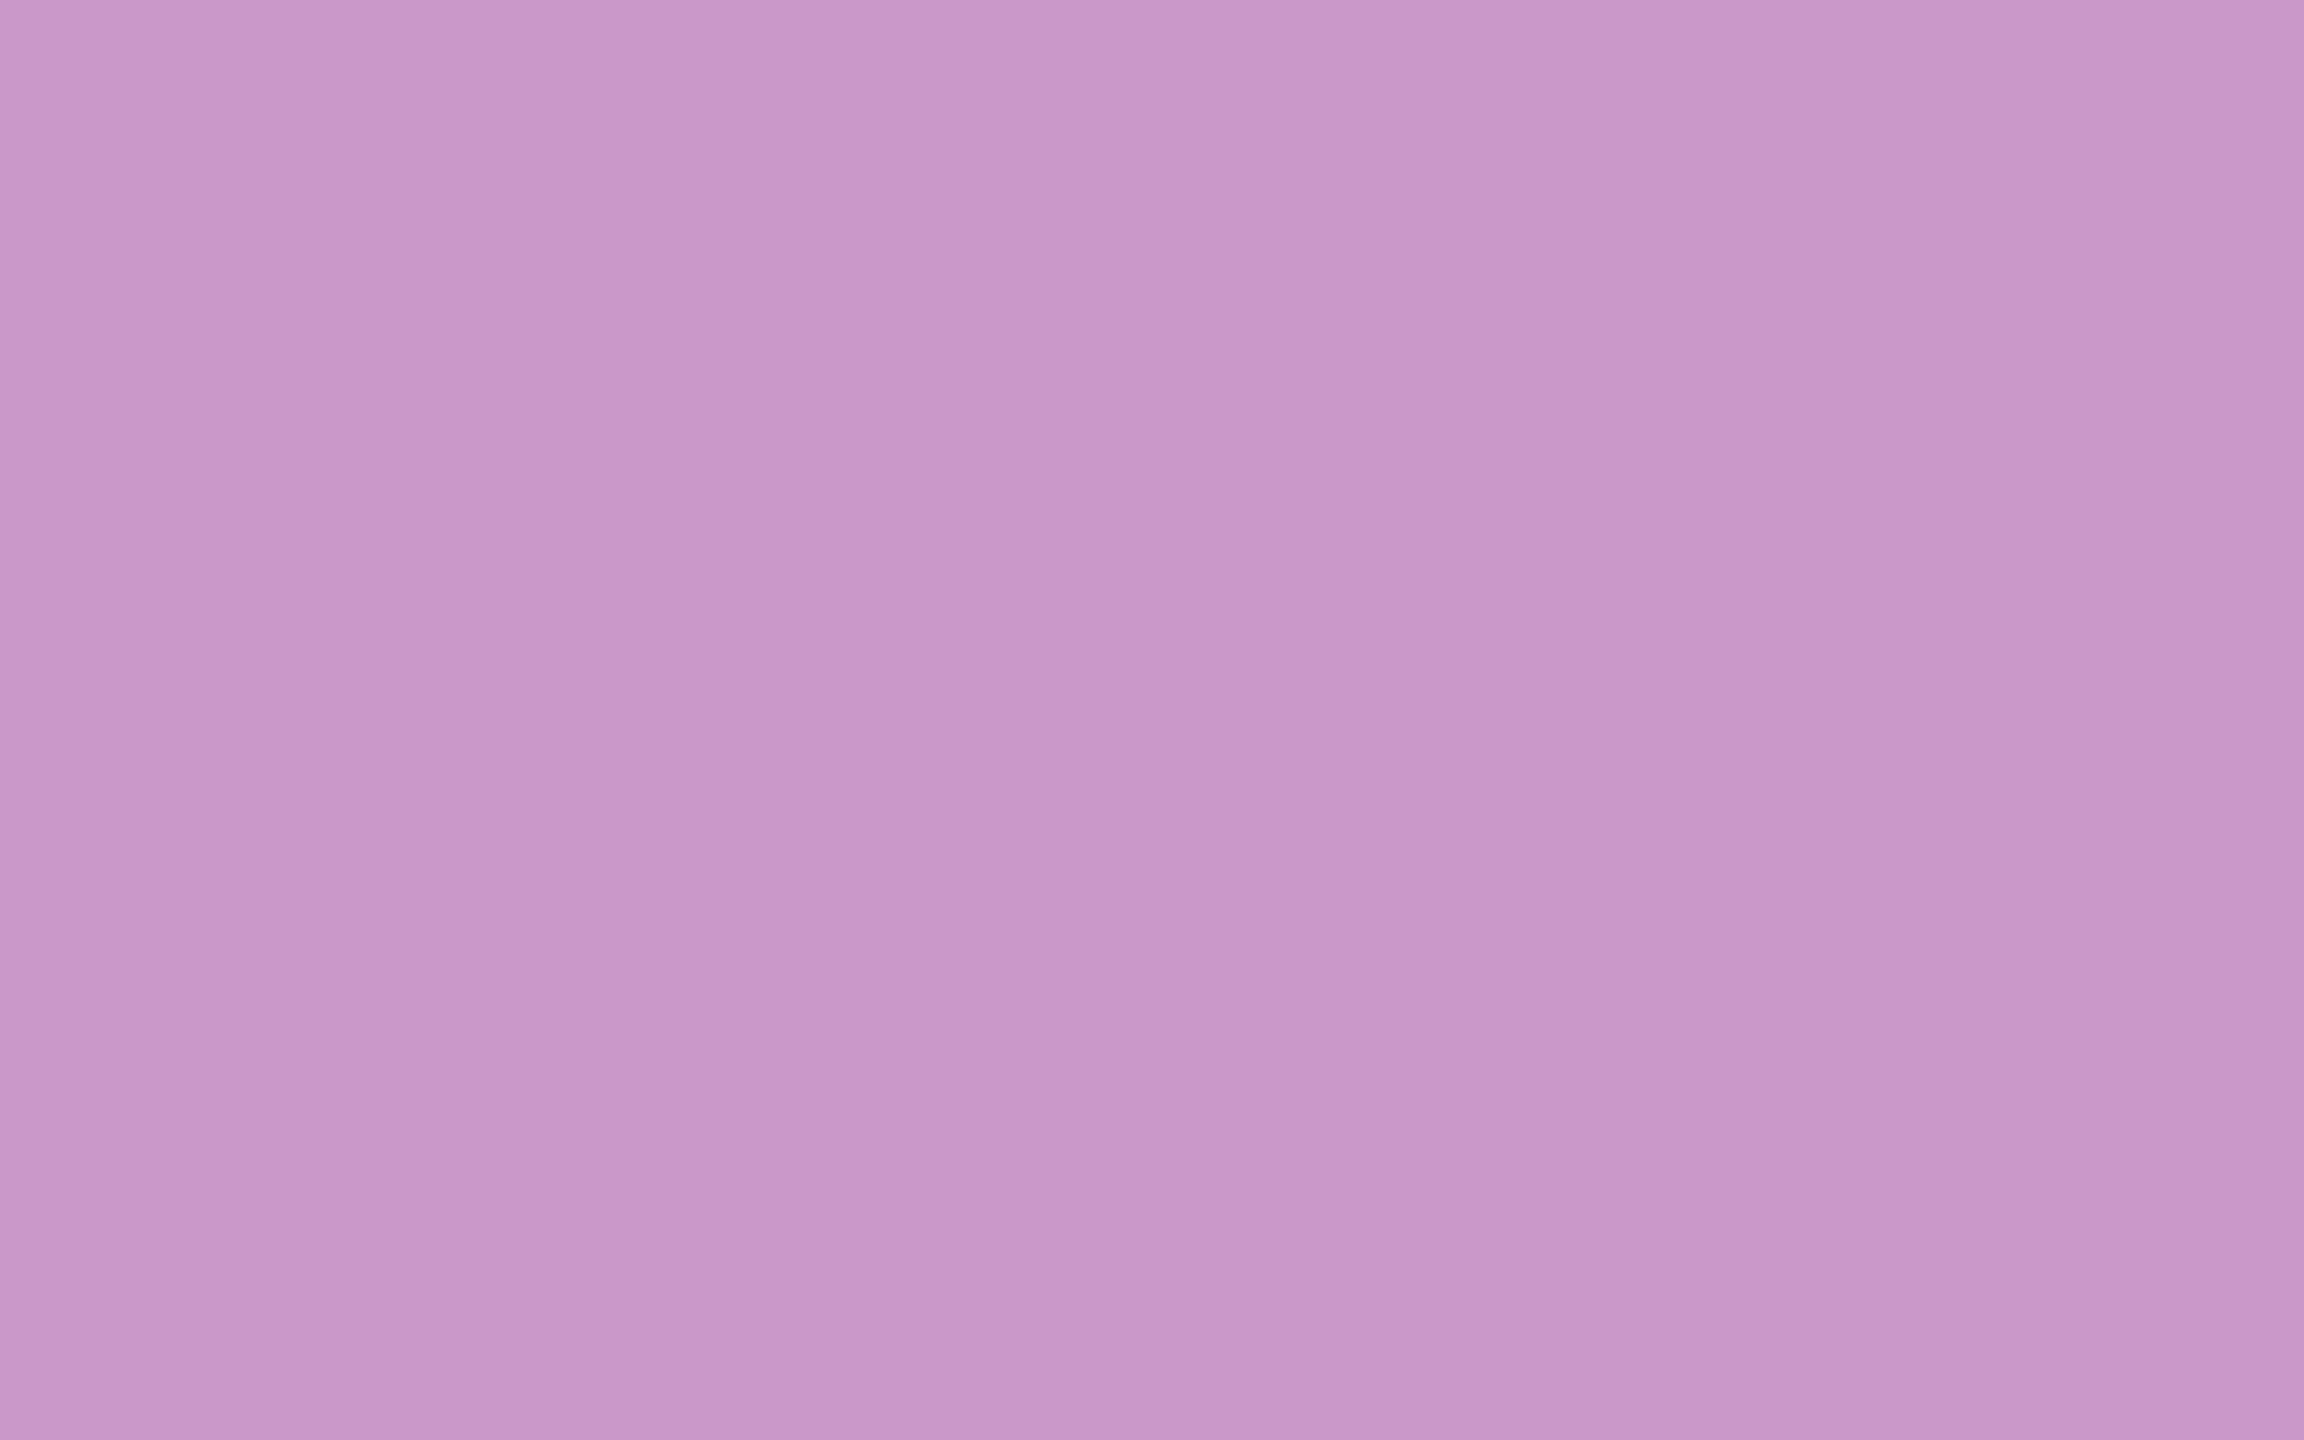 2304x1440 Pastel Violet Solid Color Background